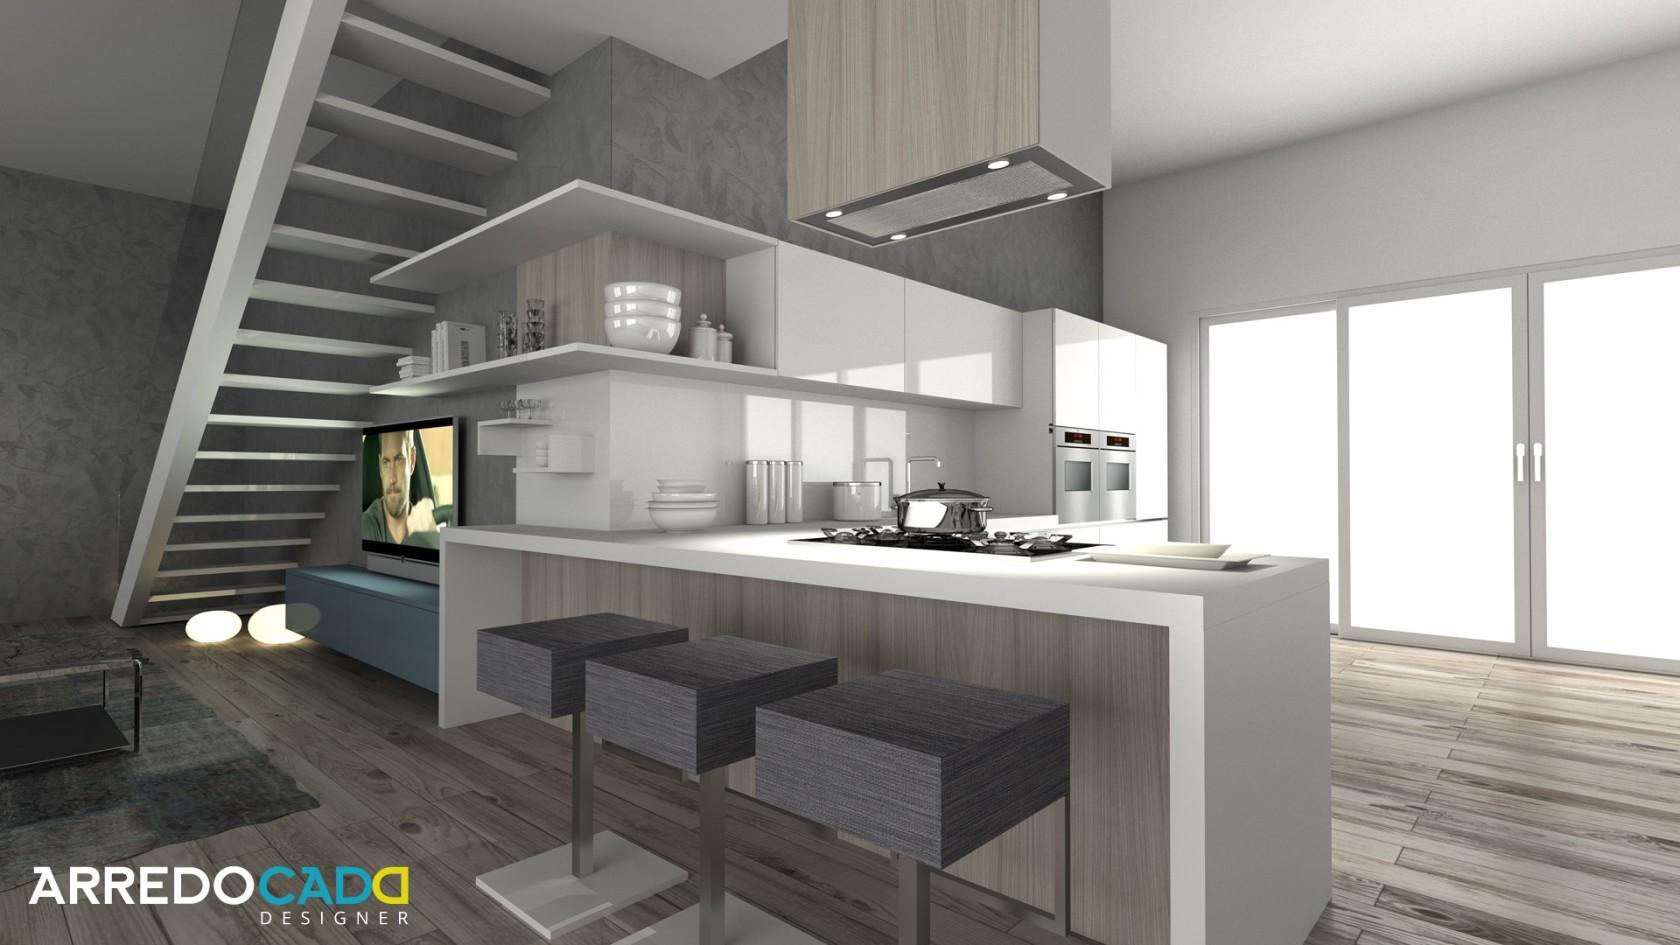 Software Arredamento Interni Gratis progettazione d'interni - arredamenti mantarro - messina e